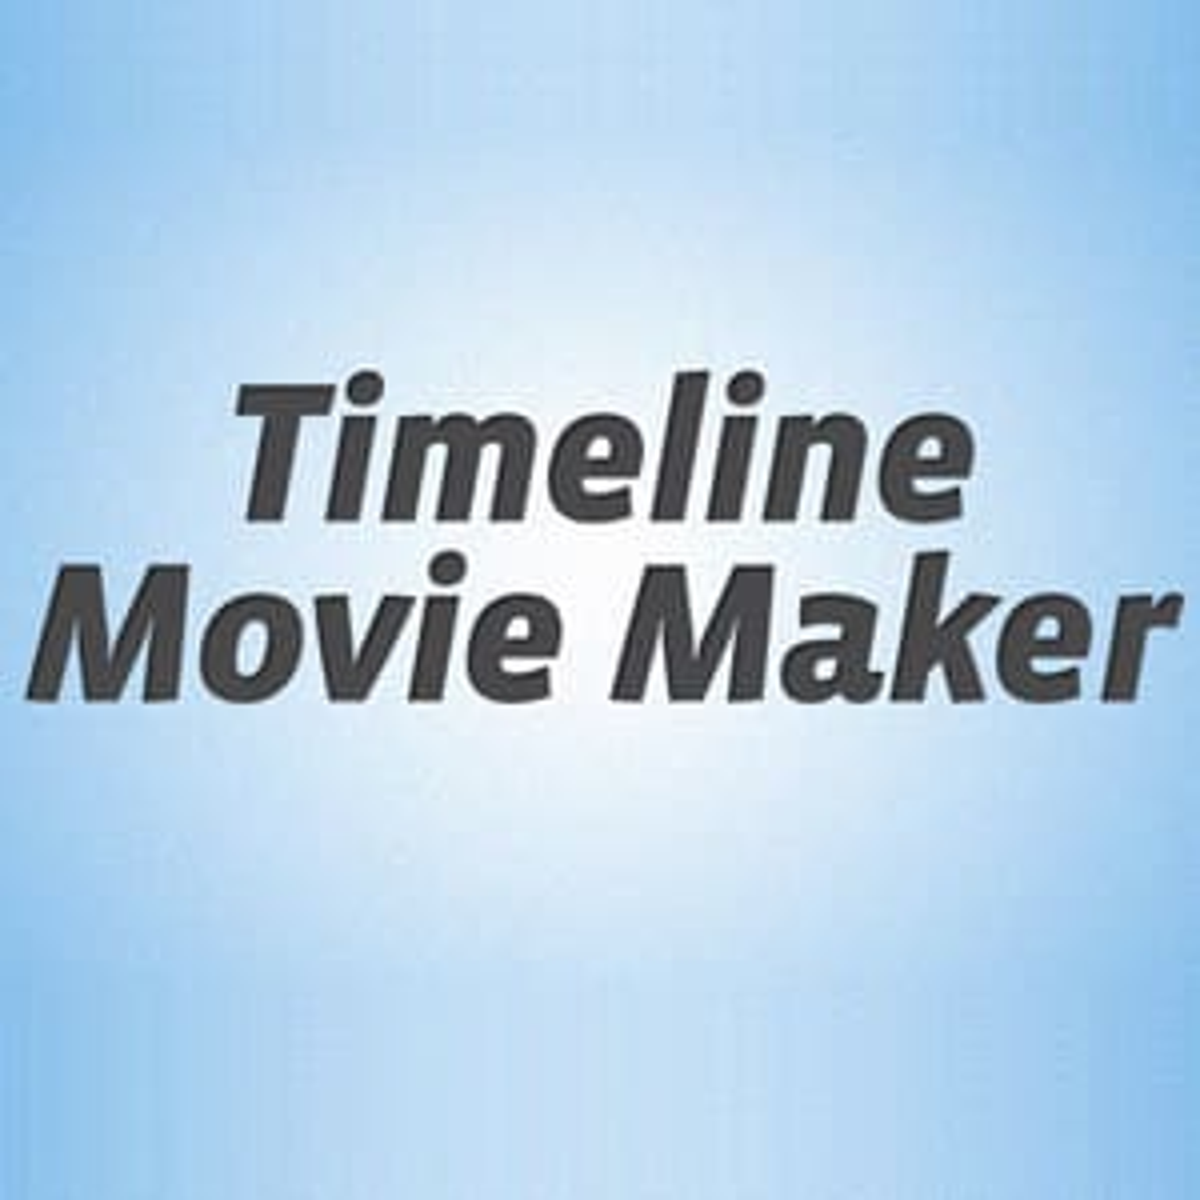 Timeline Movie Maker